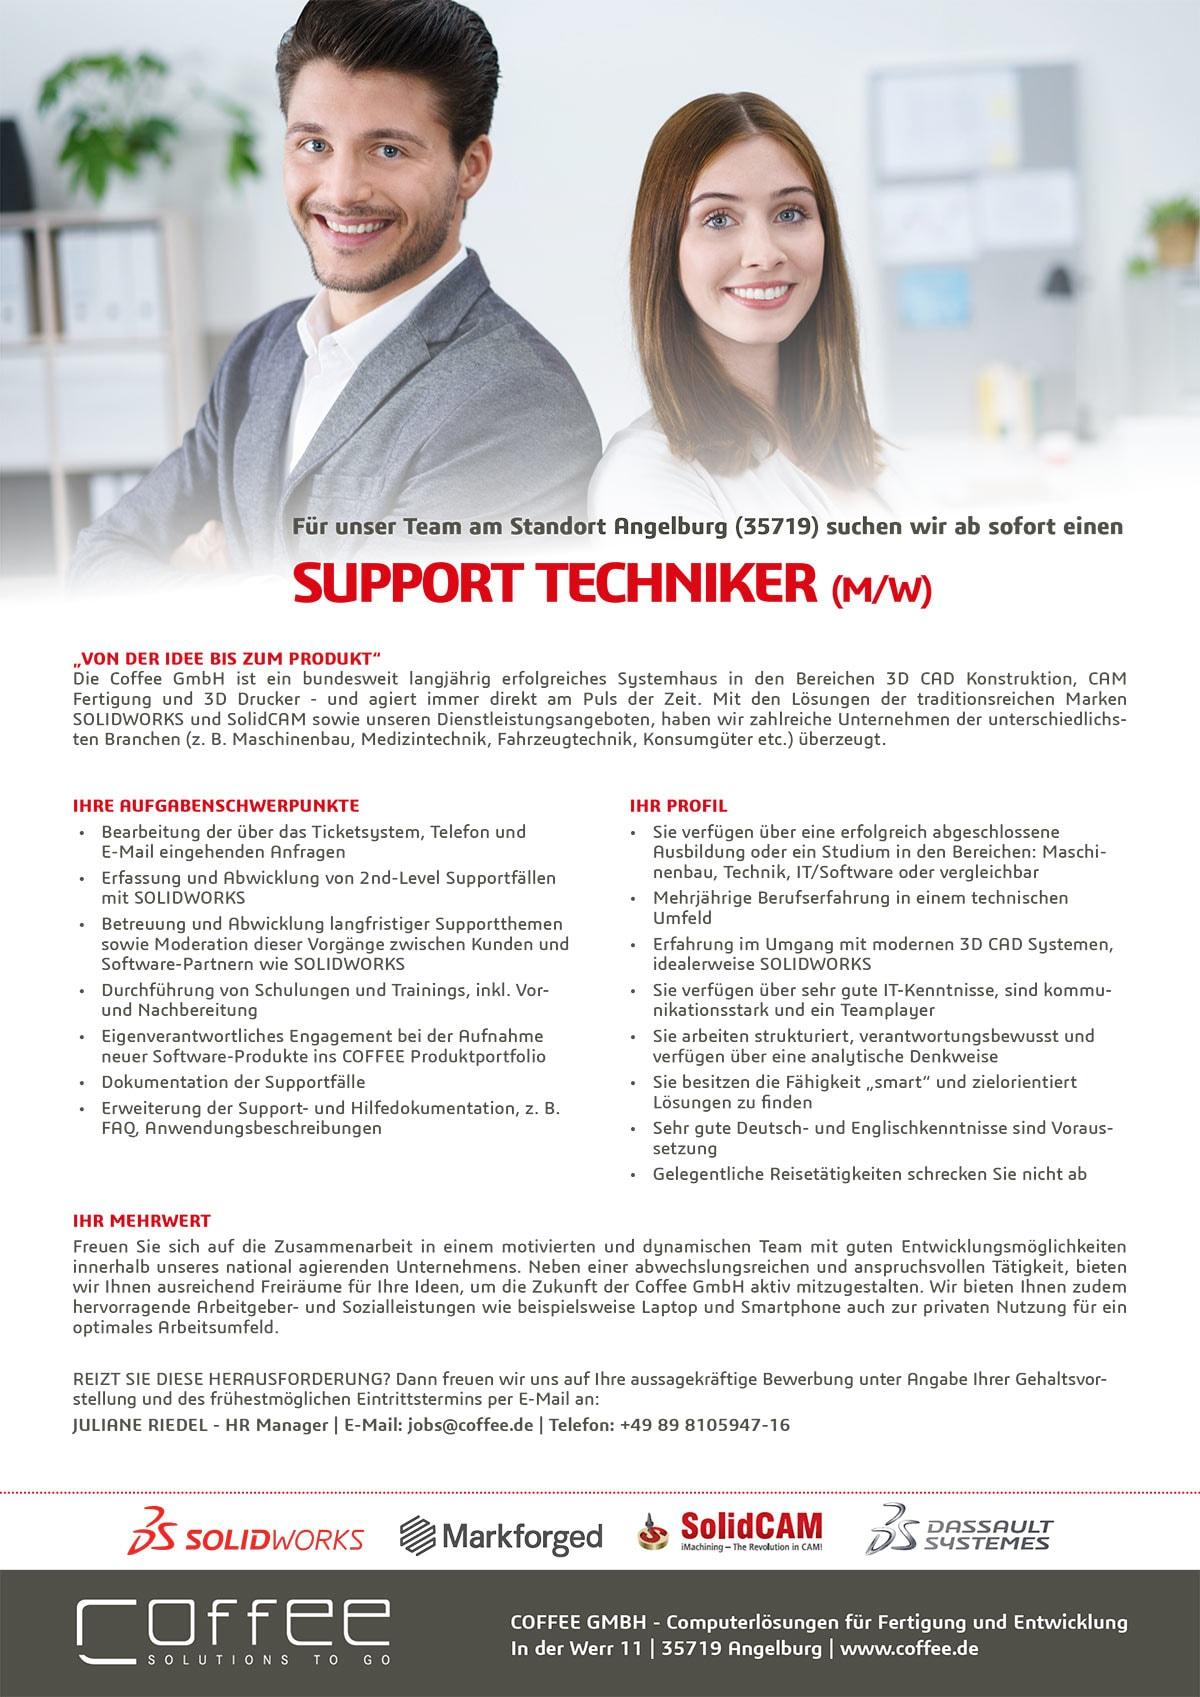 Stellenanzeige_Support-Techniker_0716_Angelburg